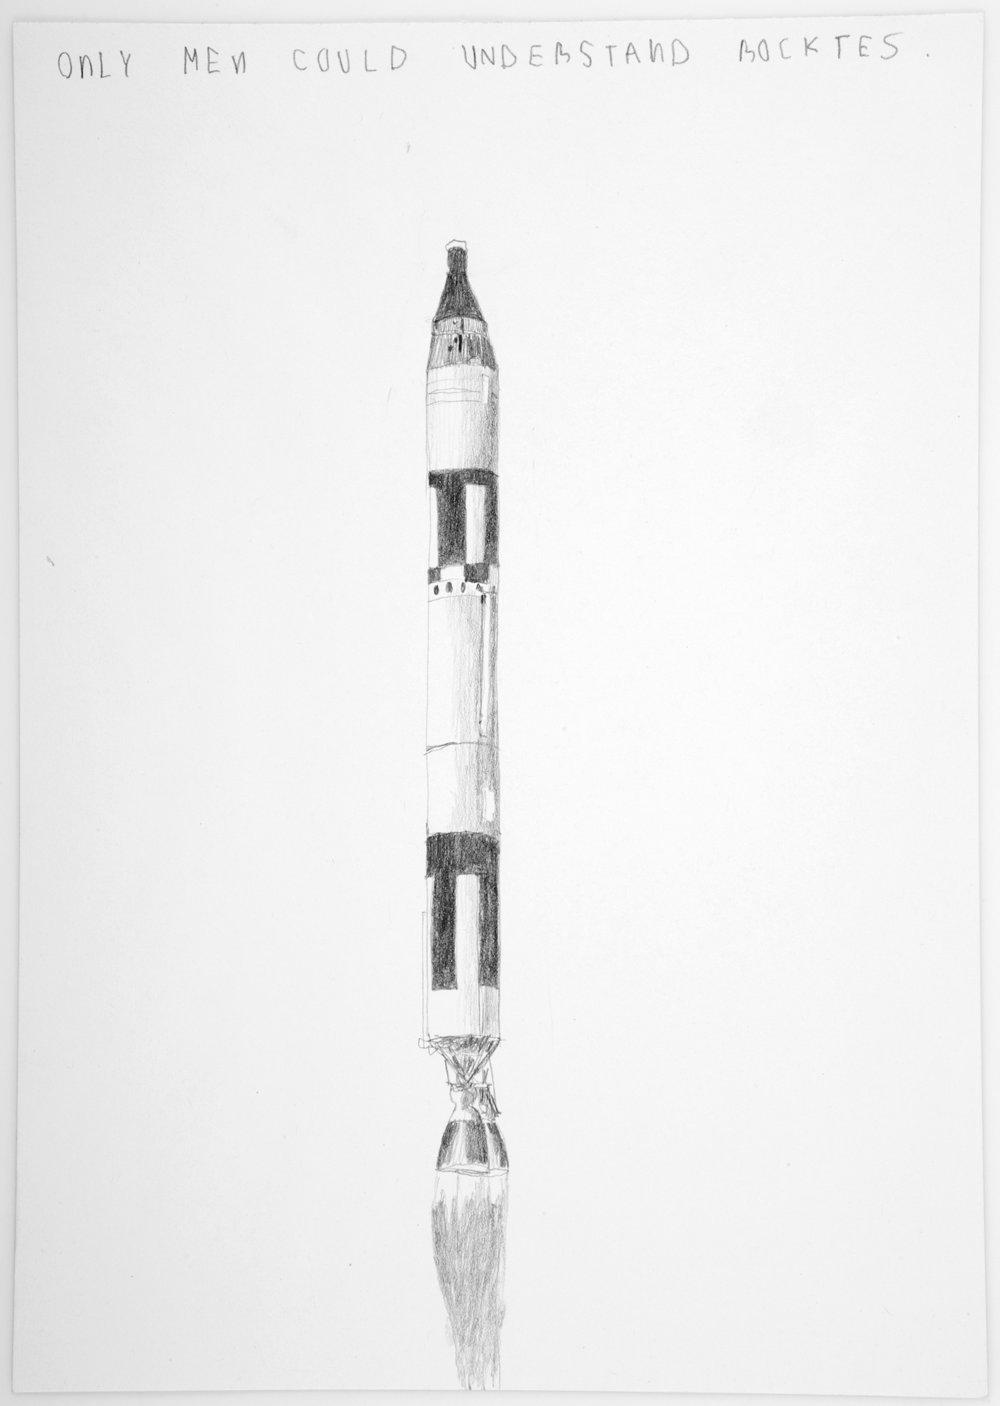 Solo los hombres pueden entender cohetes   Grafito sobre papel      26 x 20 cm.2002